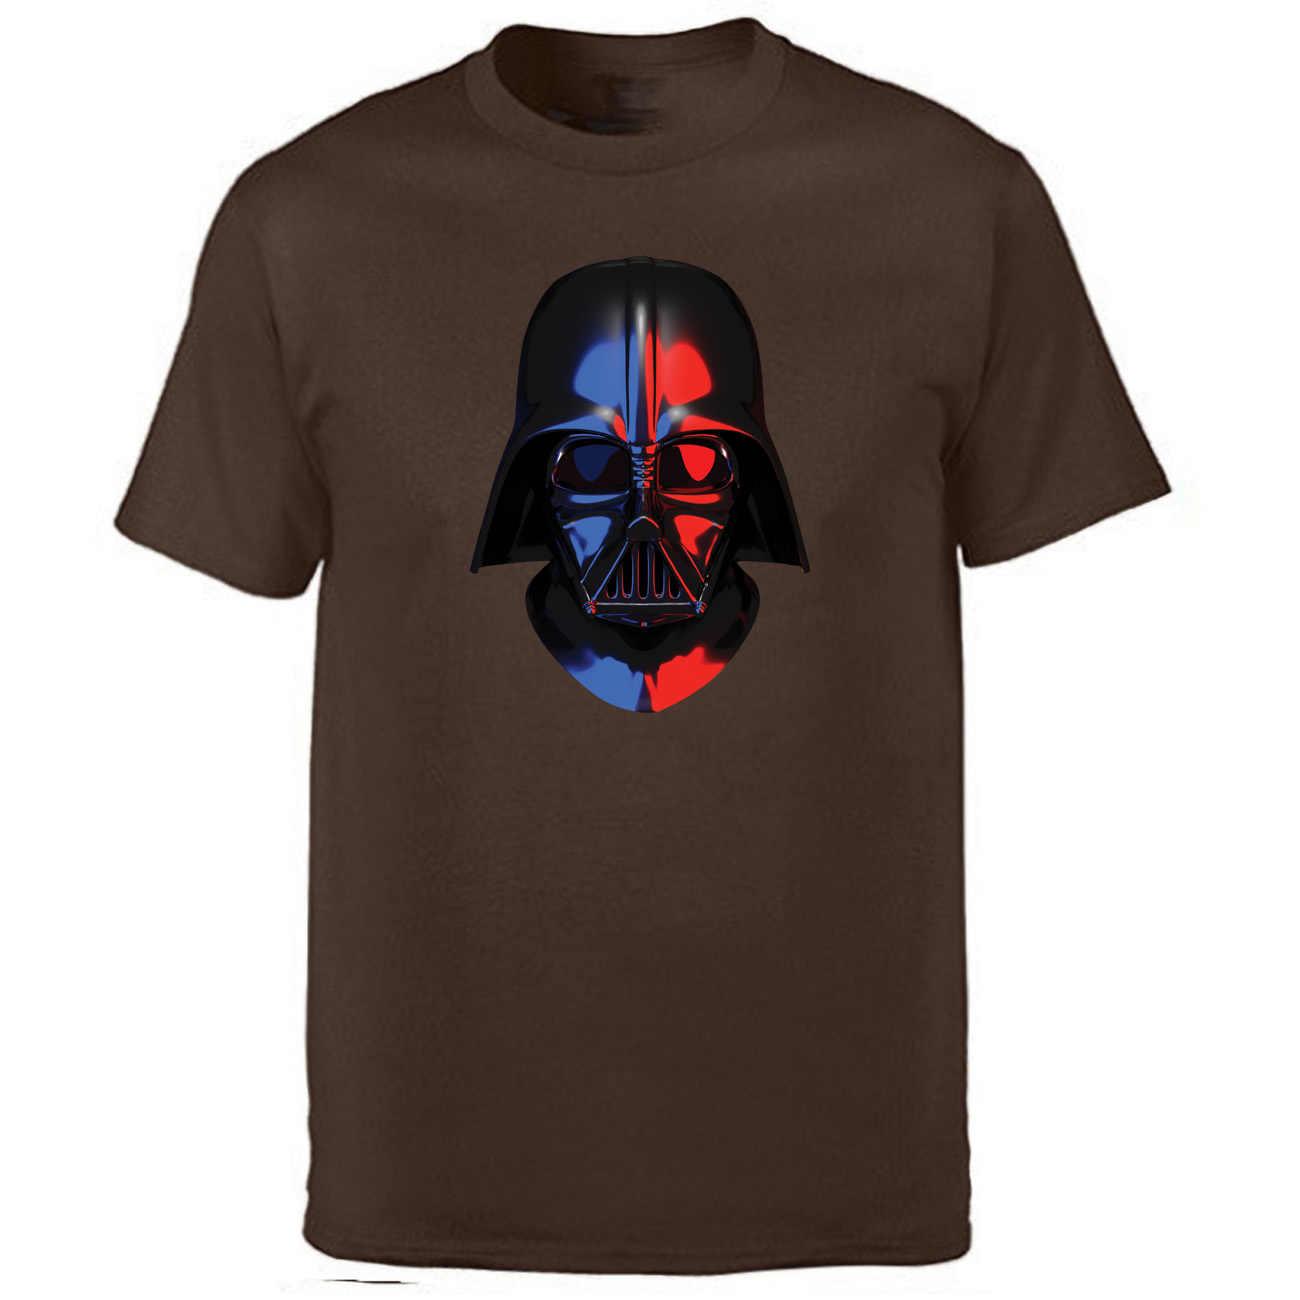 Star Wars Darth Vader camiseta hombres tu padre camiseta 2019 verano Camisetas de algodón de manga corta negro de entrenamiento de impresión camisetas sueltas